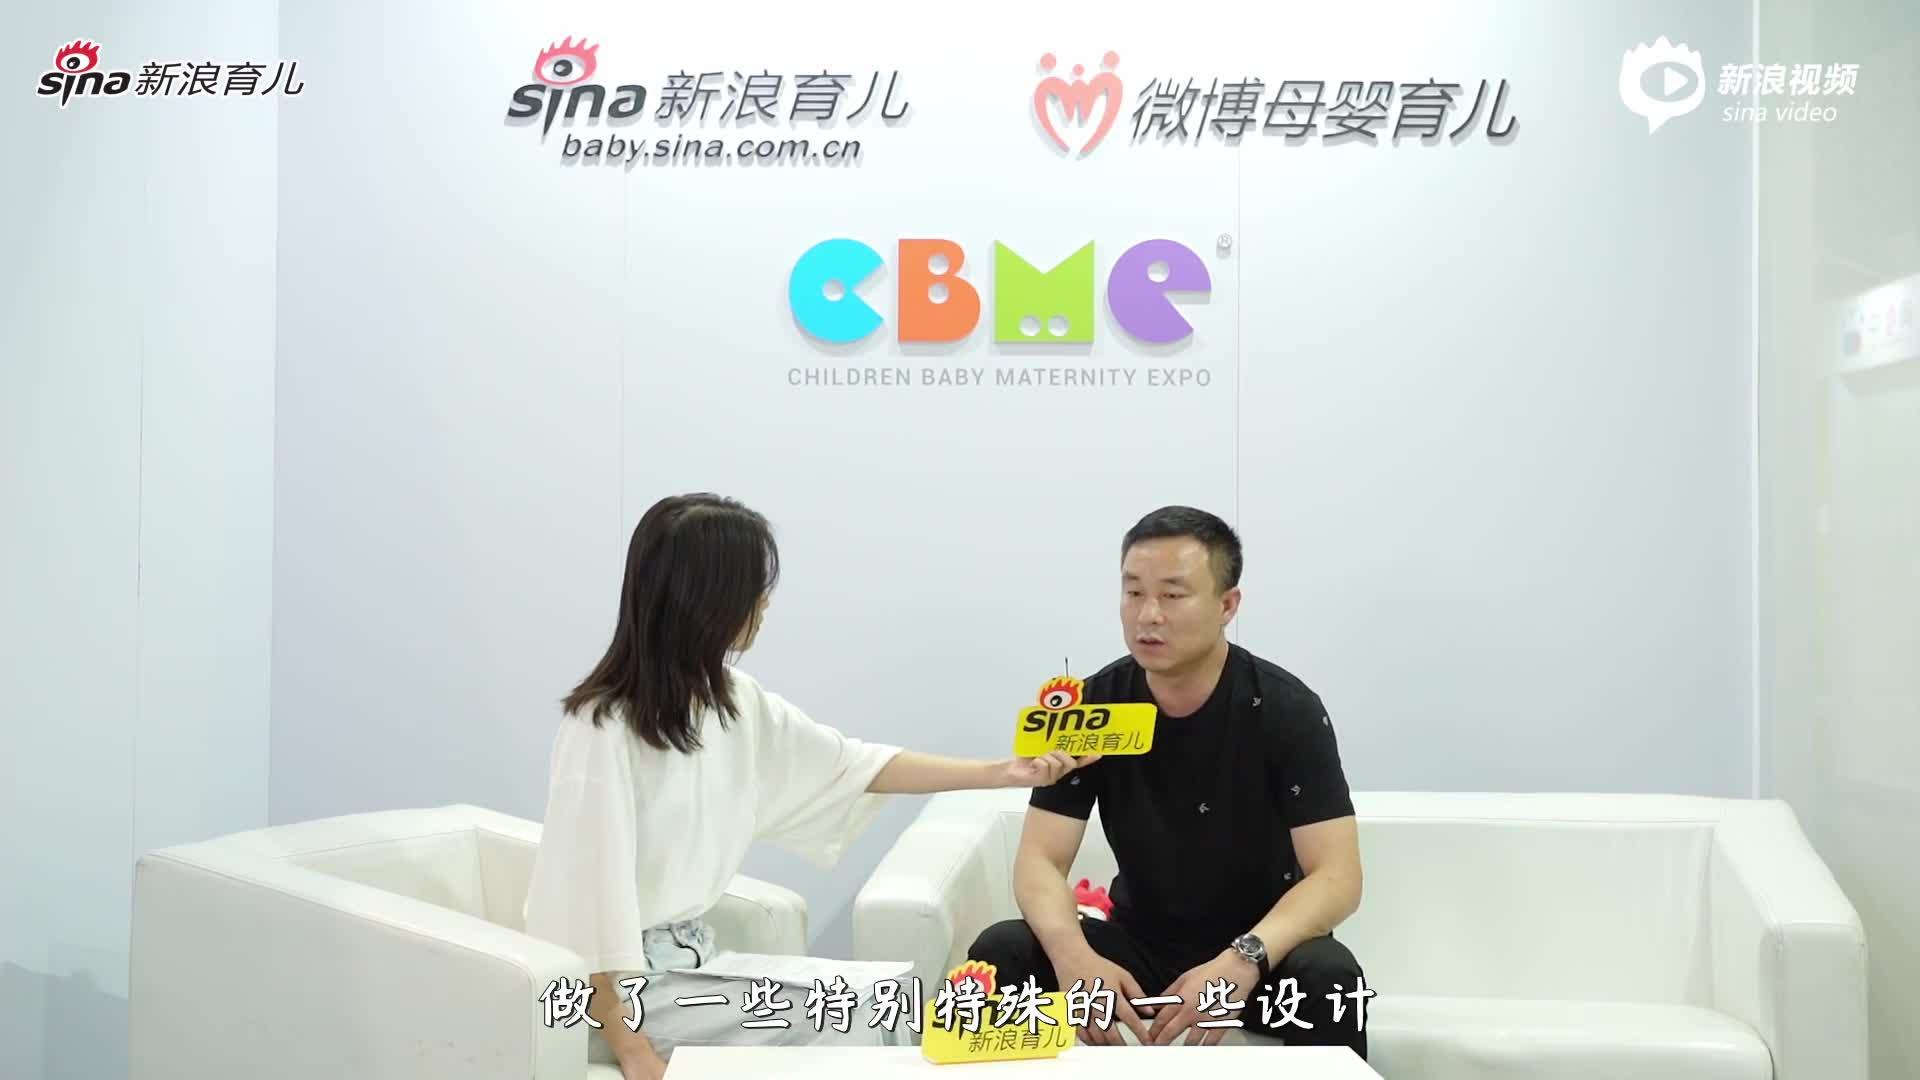 愛舒樂品牌副總經理張志濤